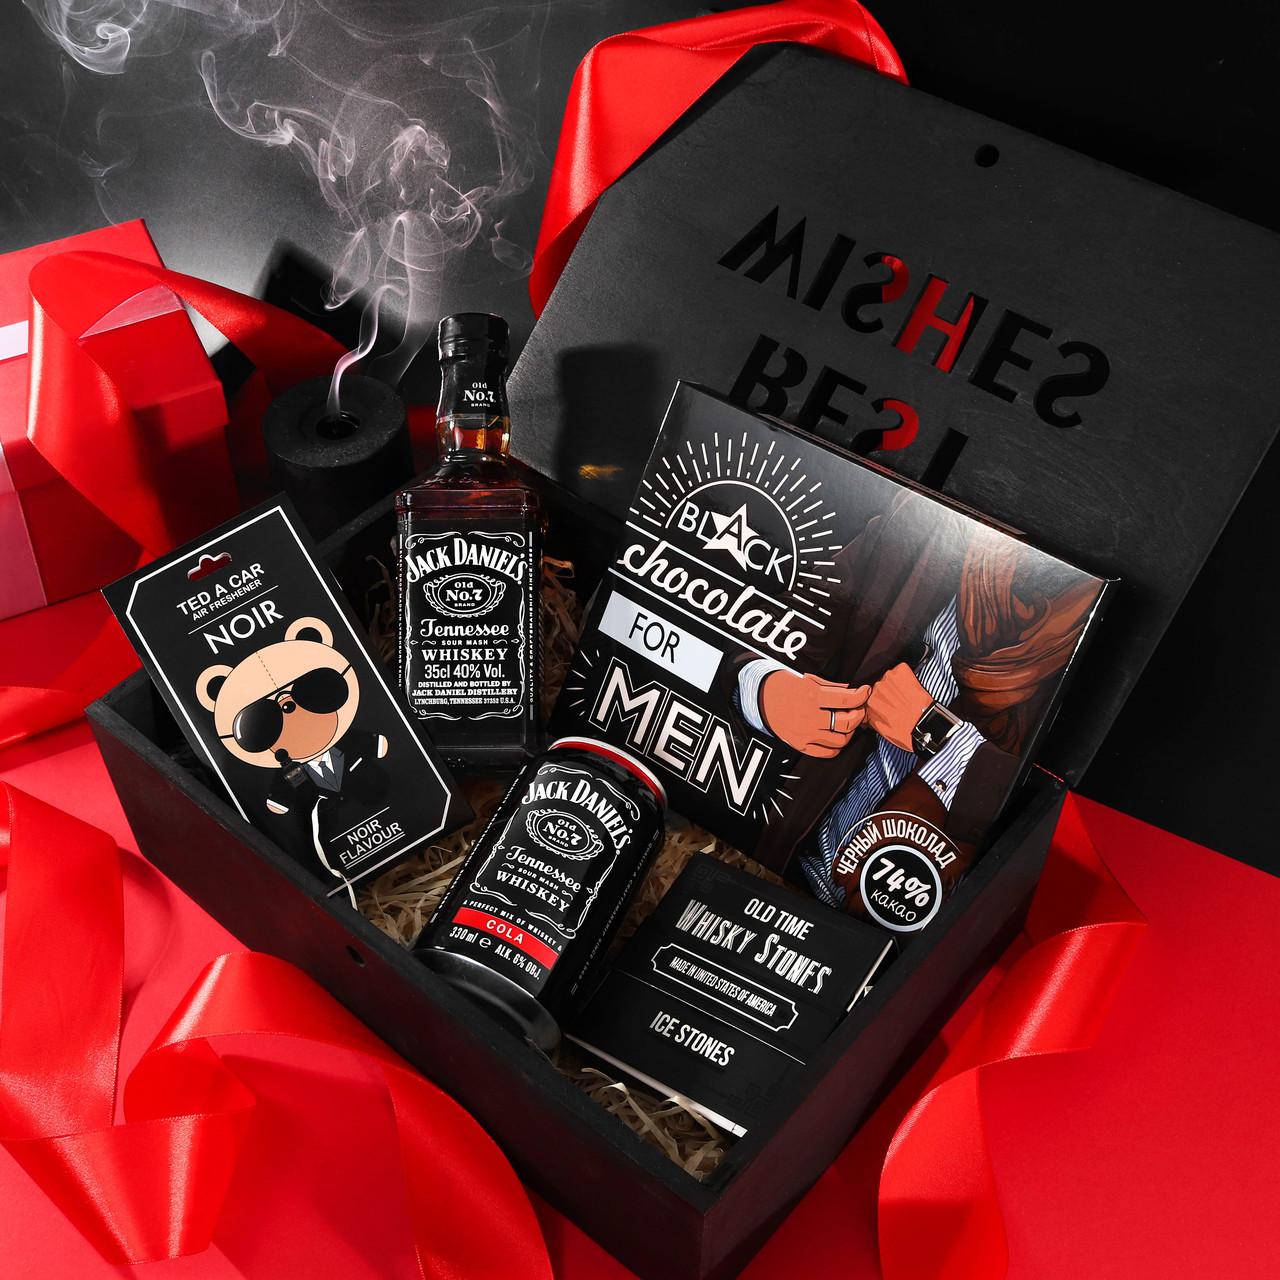 Оригинальный подарок мужчине. Подарочный набор для мужчины. Подарок боссу. Подарок начальнику. «For man »